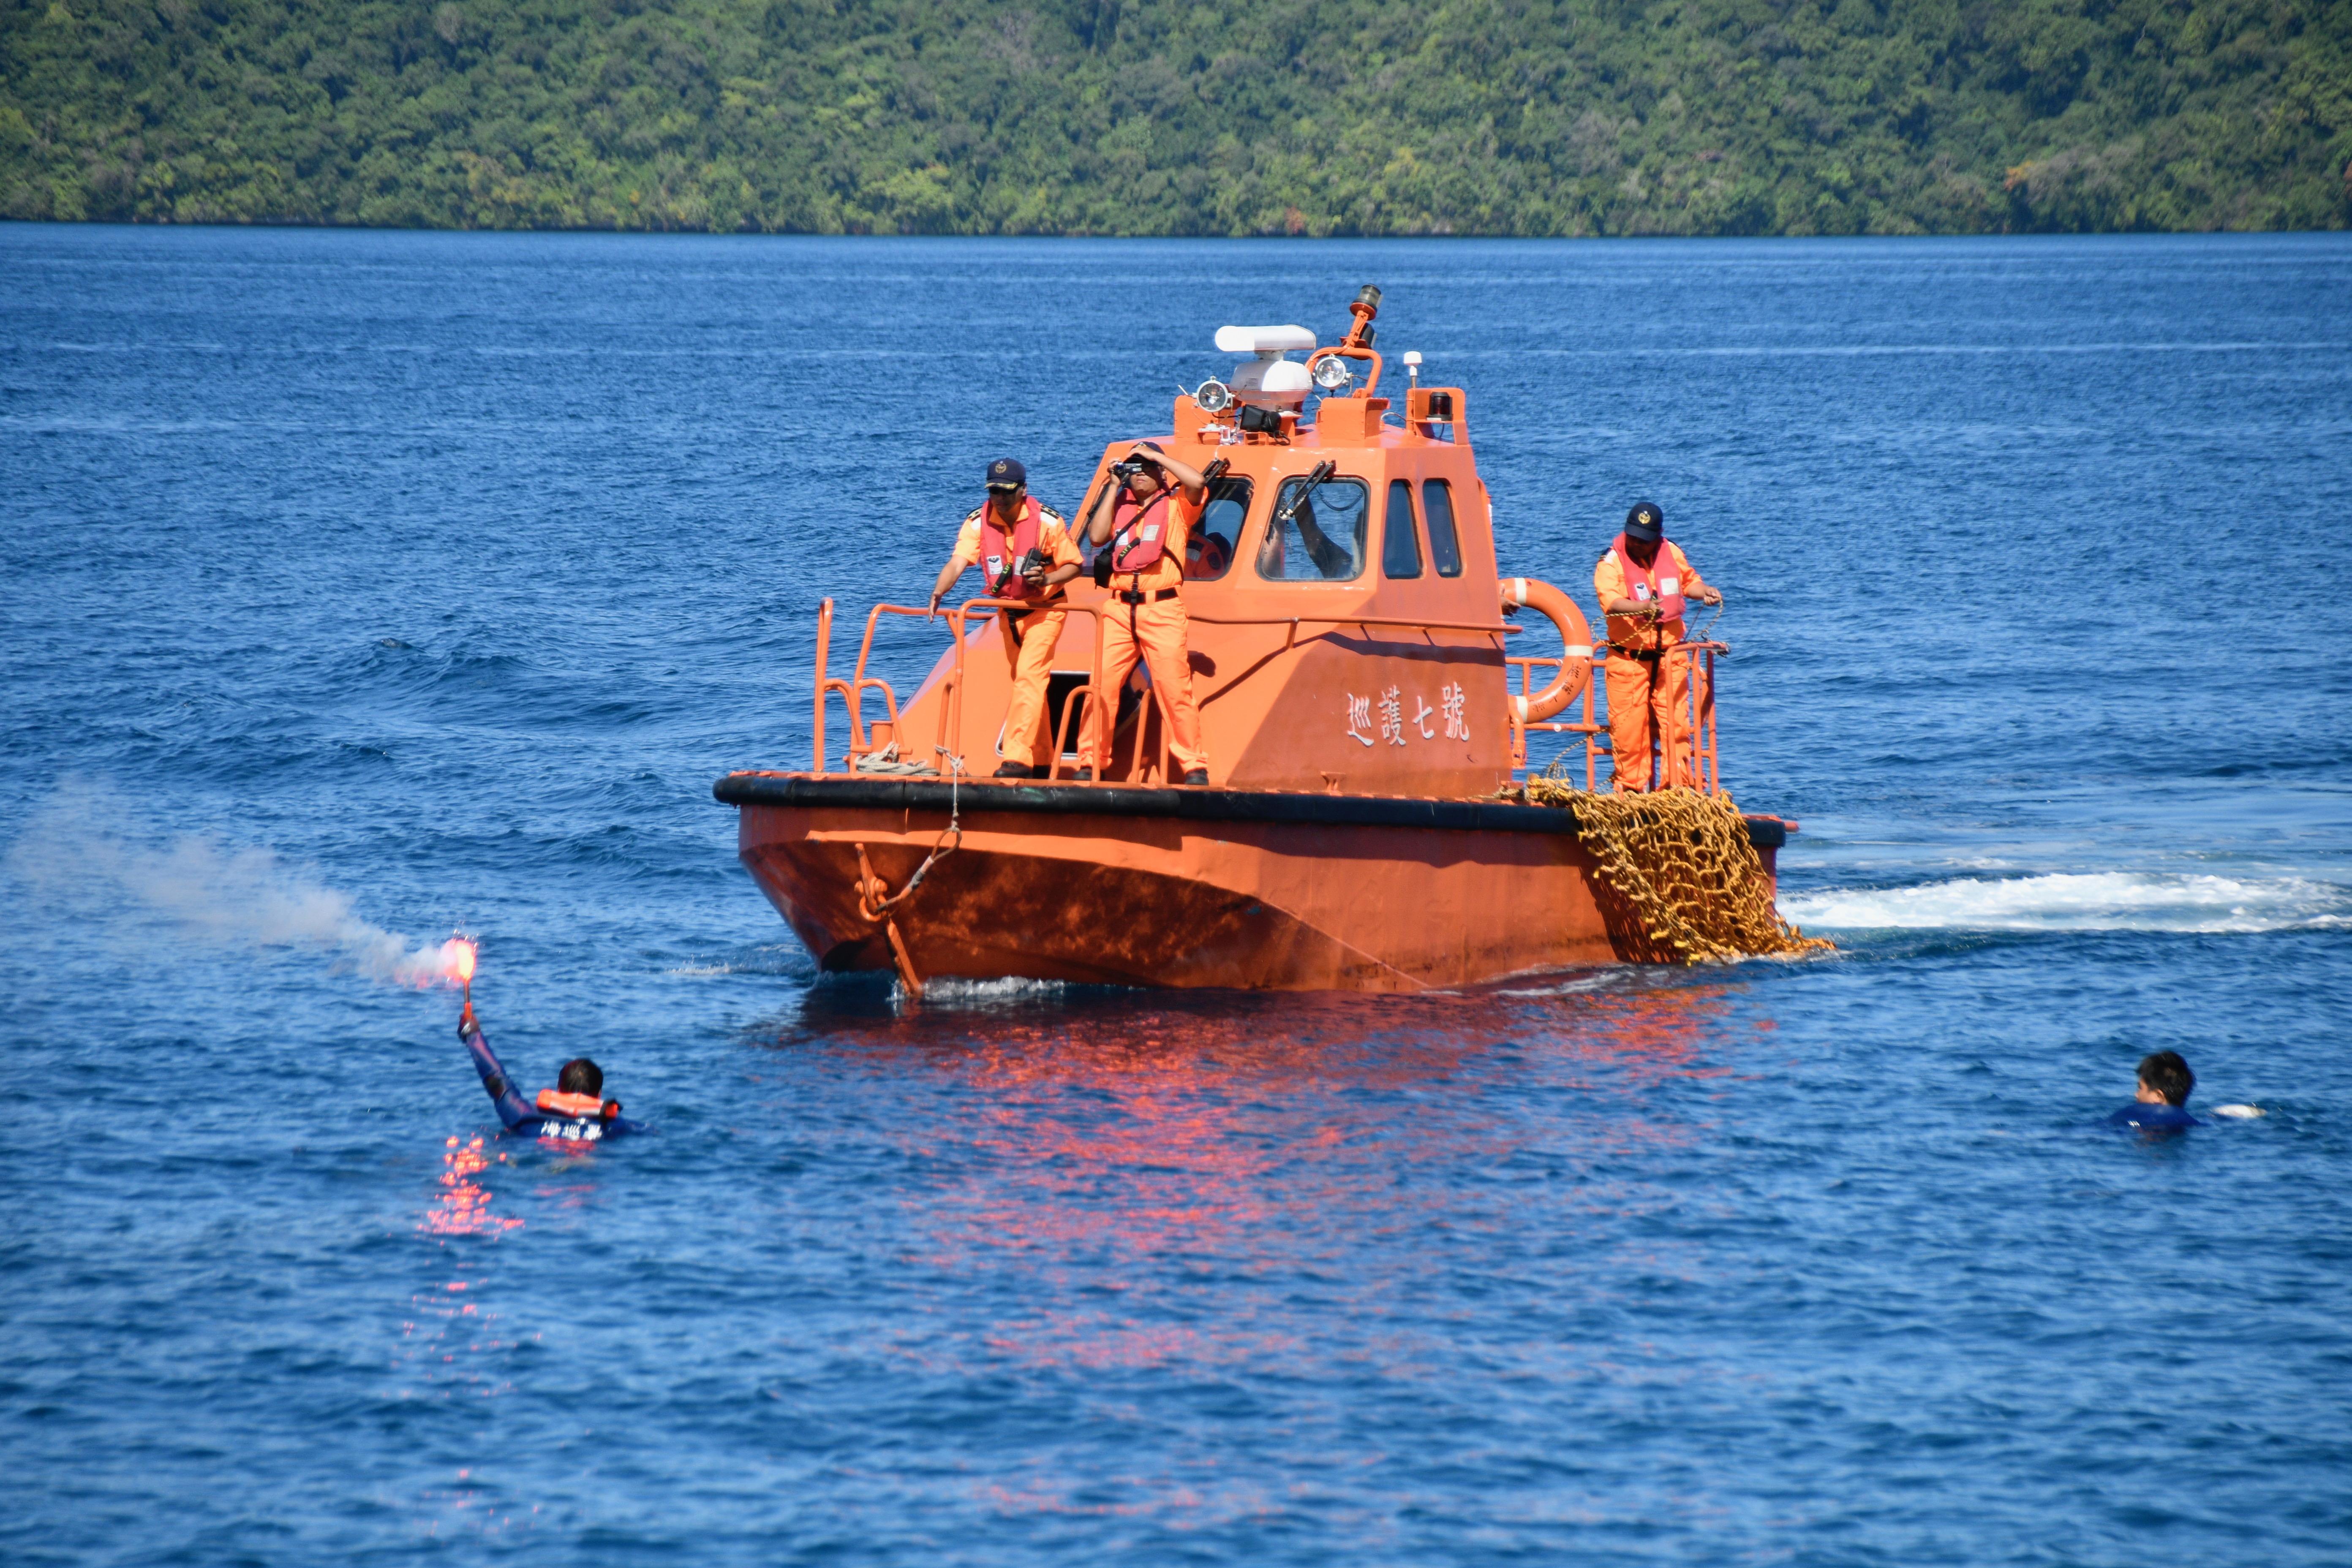 Taiwan, Palau forge coast guard cooperation